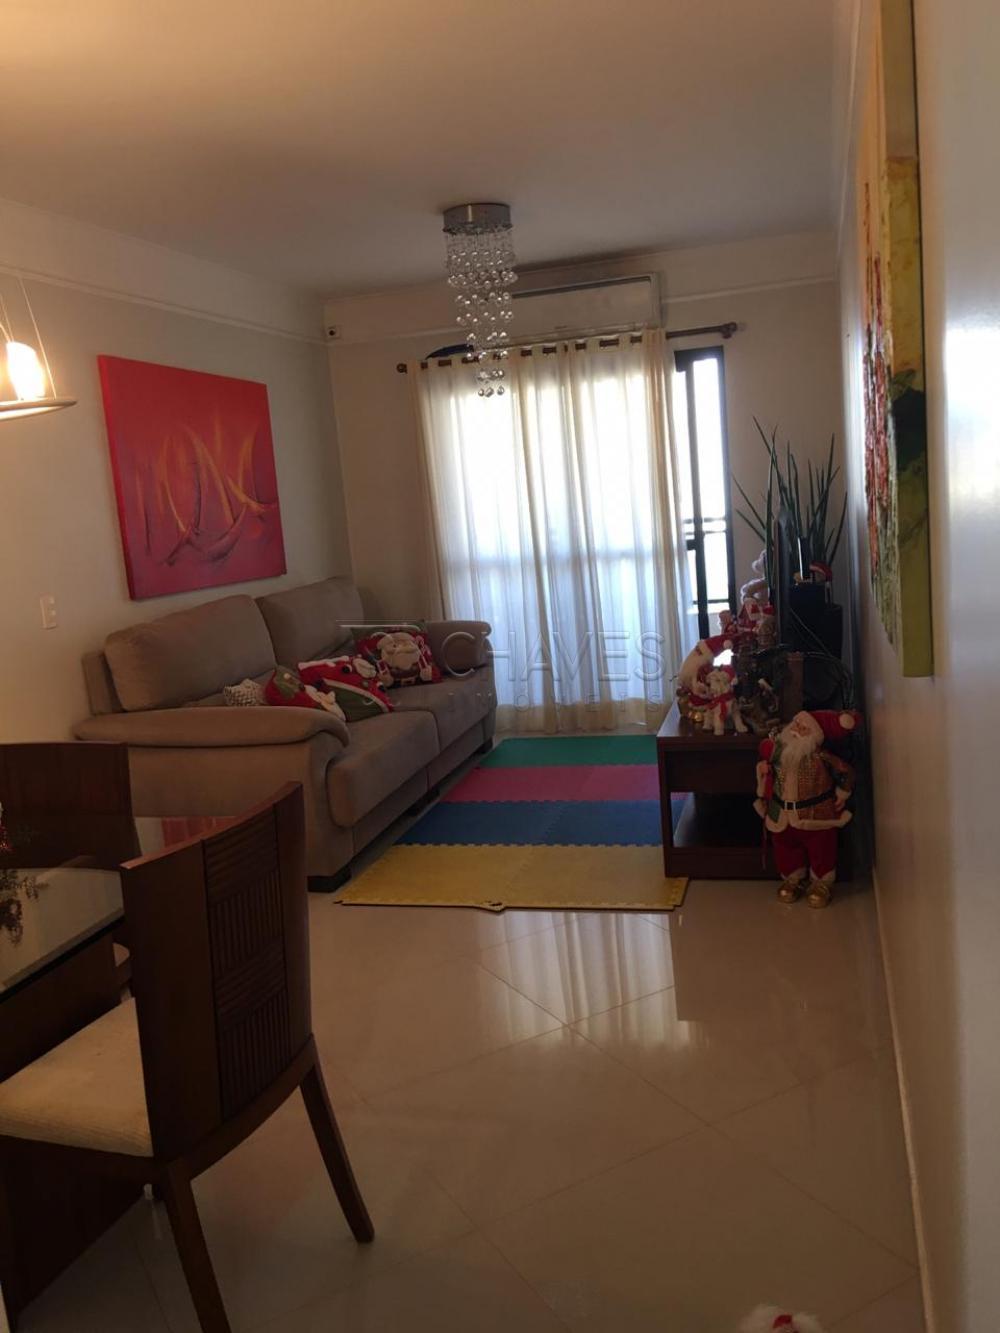 Comprar Apartamento / Padrão em Ribeirão Preto apenas R$ 440.000,00 - Foto 3